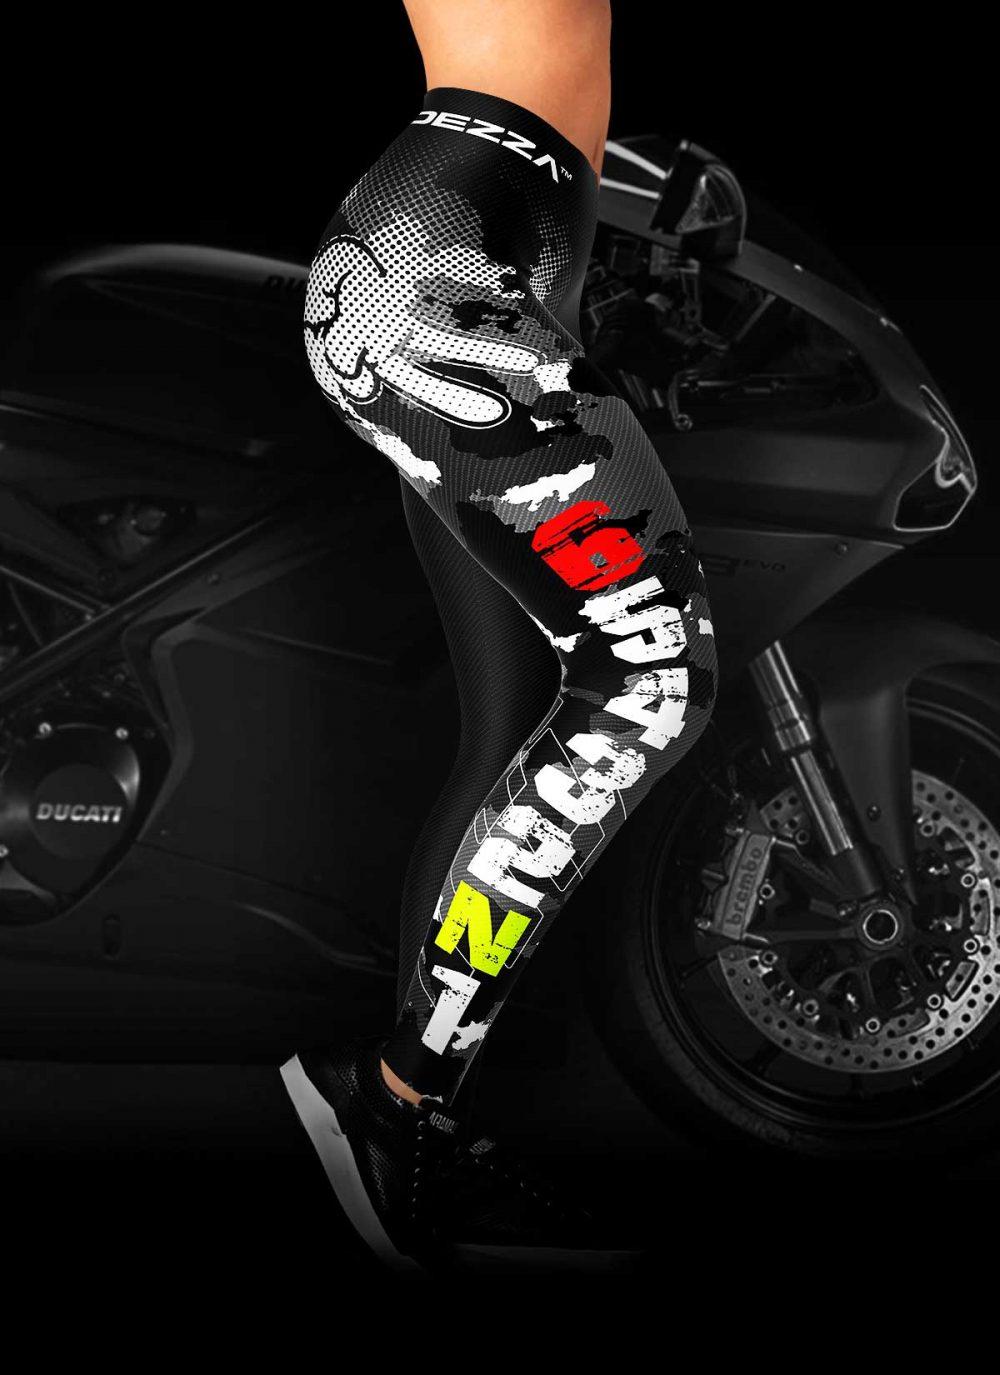 Gear Shift 1N23456 Motorcycle Leggings